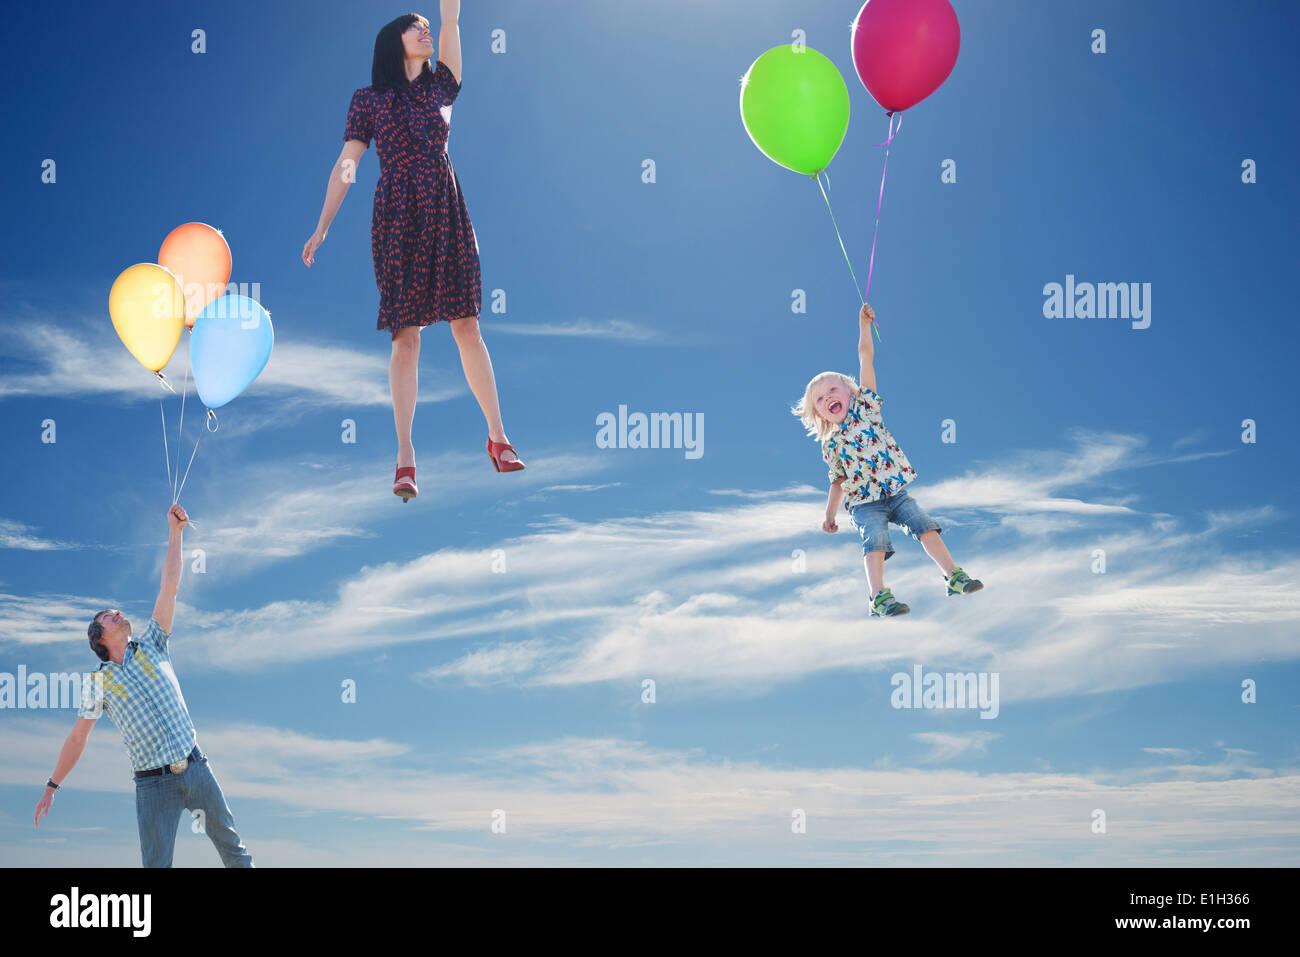 Pareja madura y joven hijo flotando hacia el cielo sujetando globos Imagen De Stock